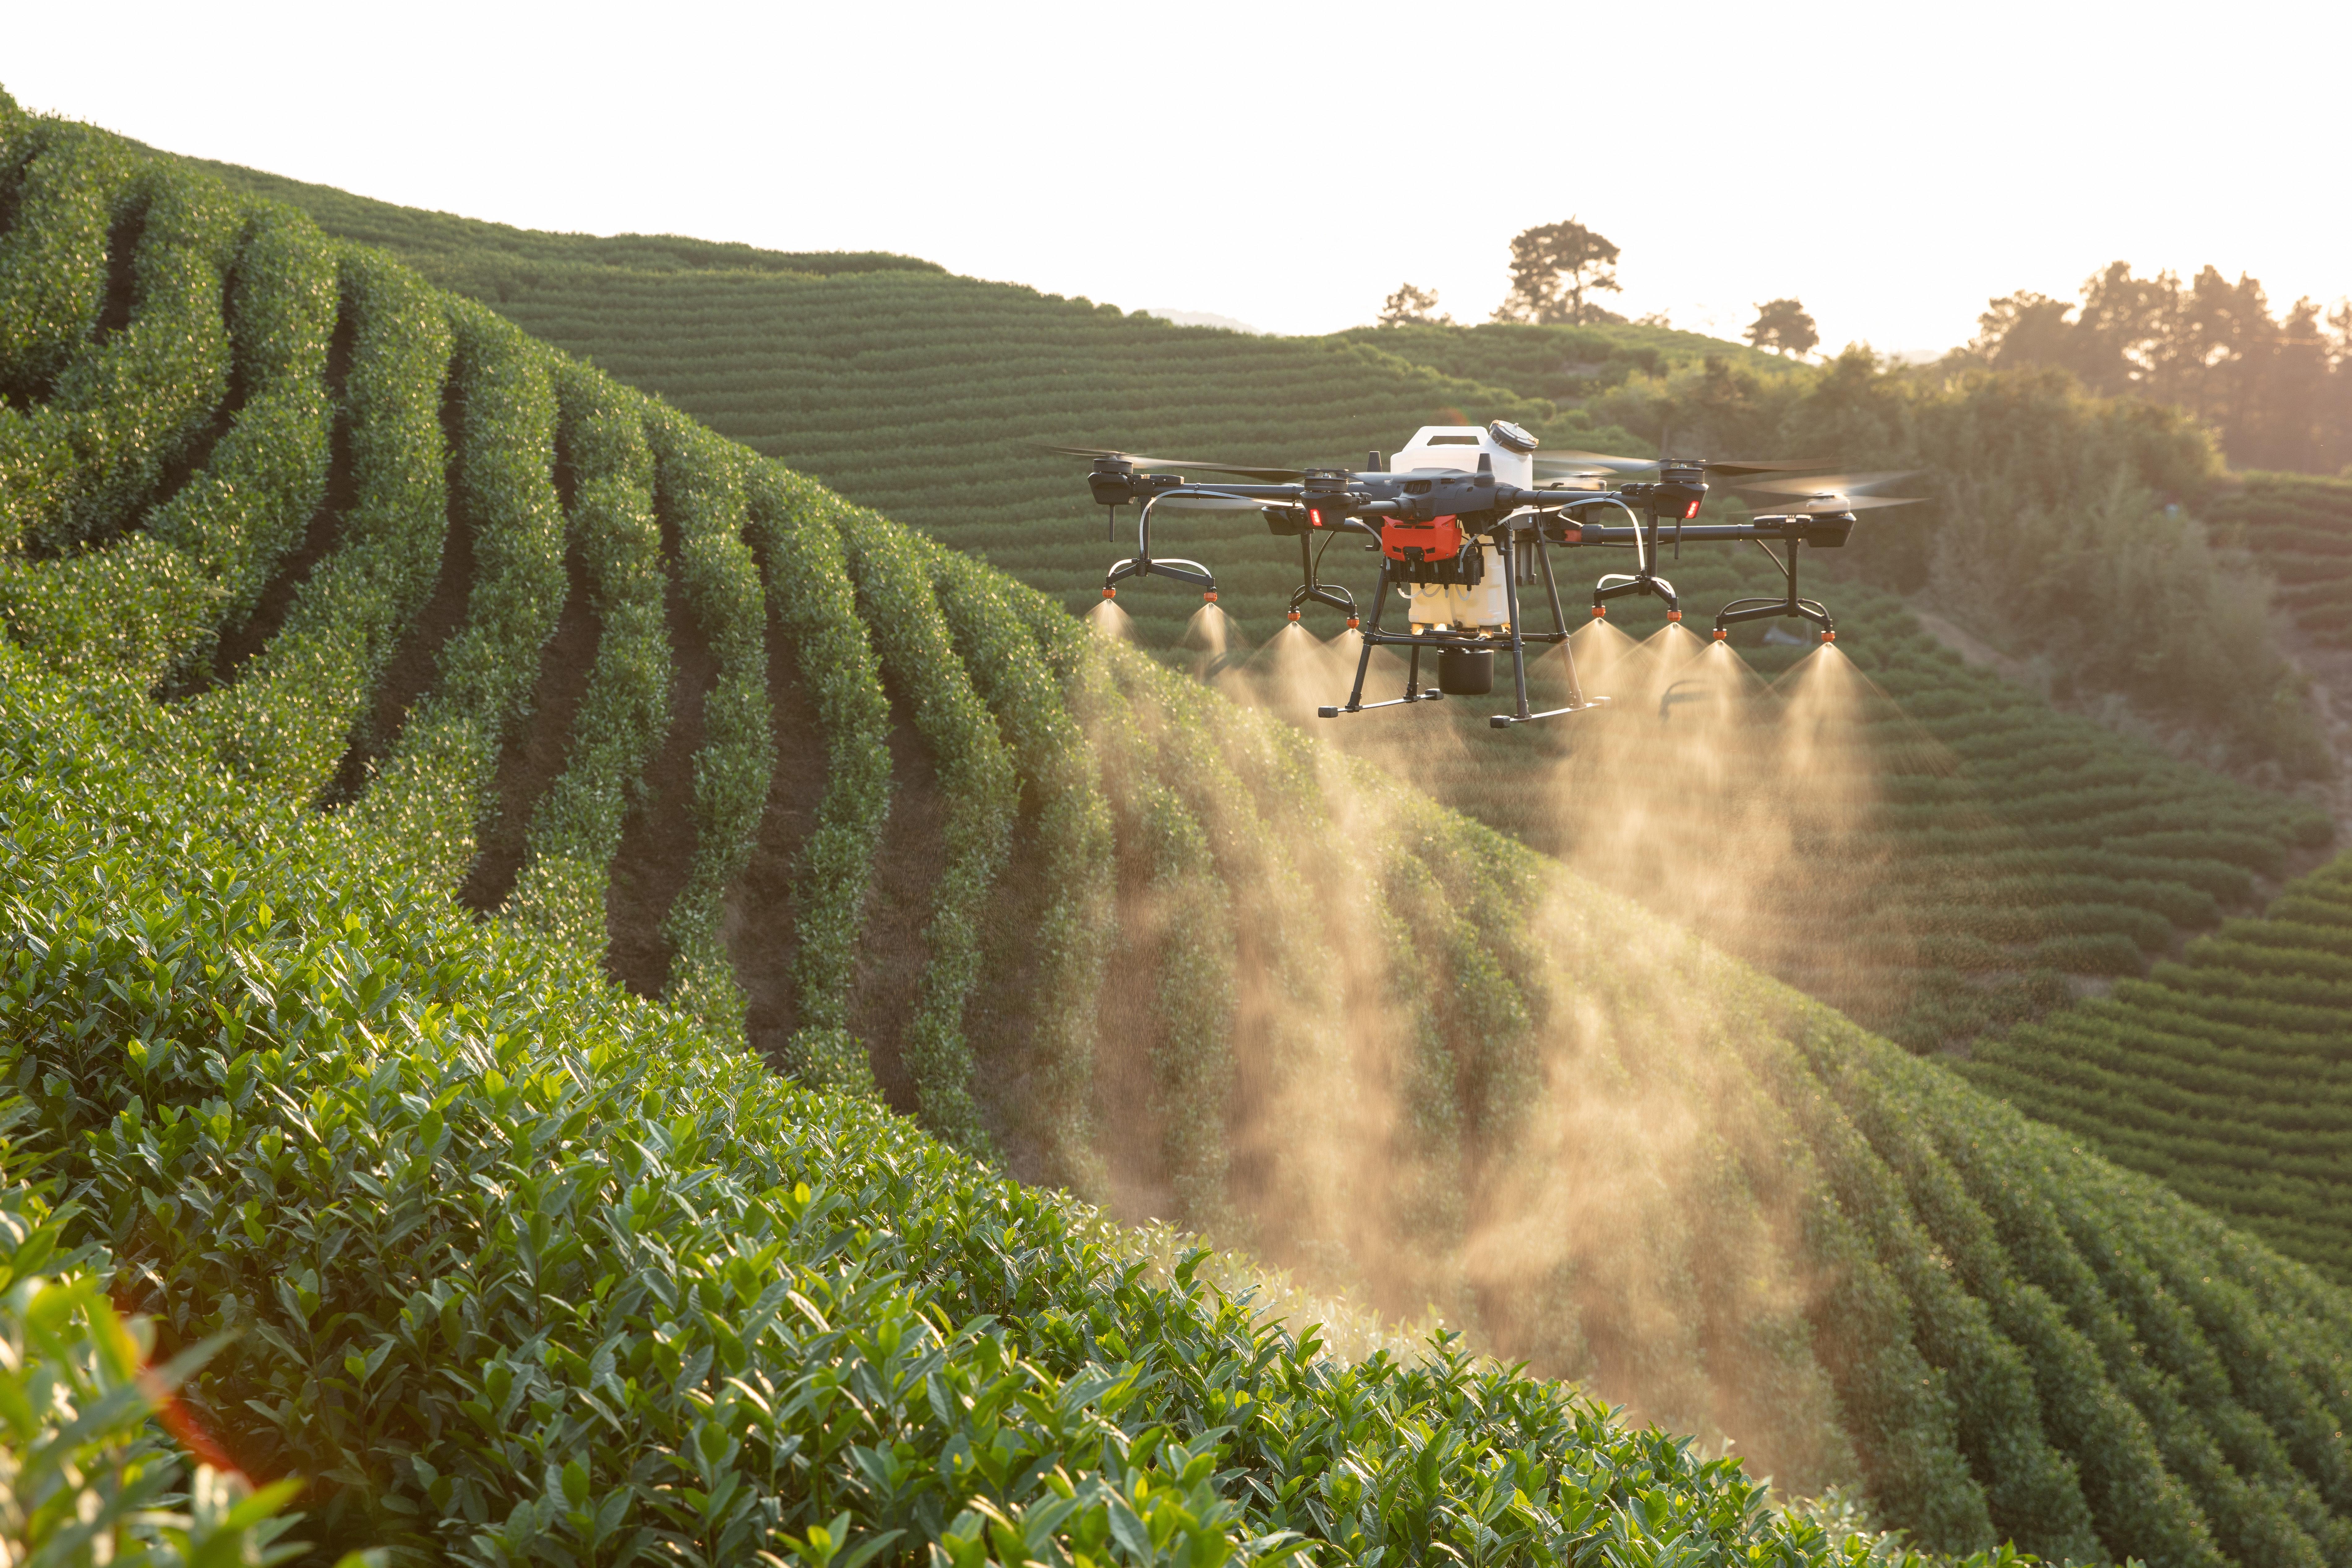 社会资讯_大疆发布农业植保无人机T20,全向雷达、落地即充引关注 | 极客公园